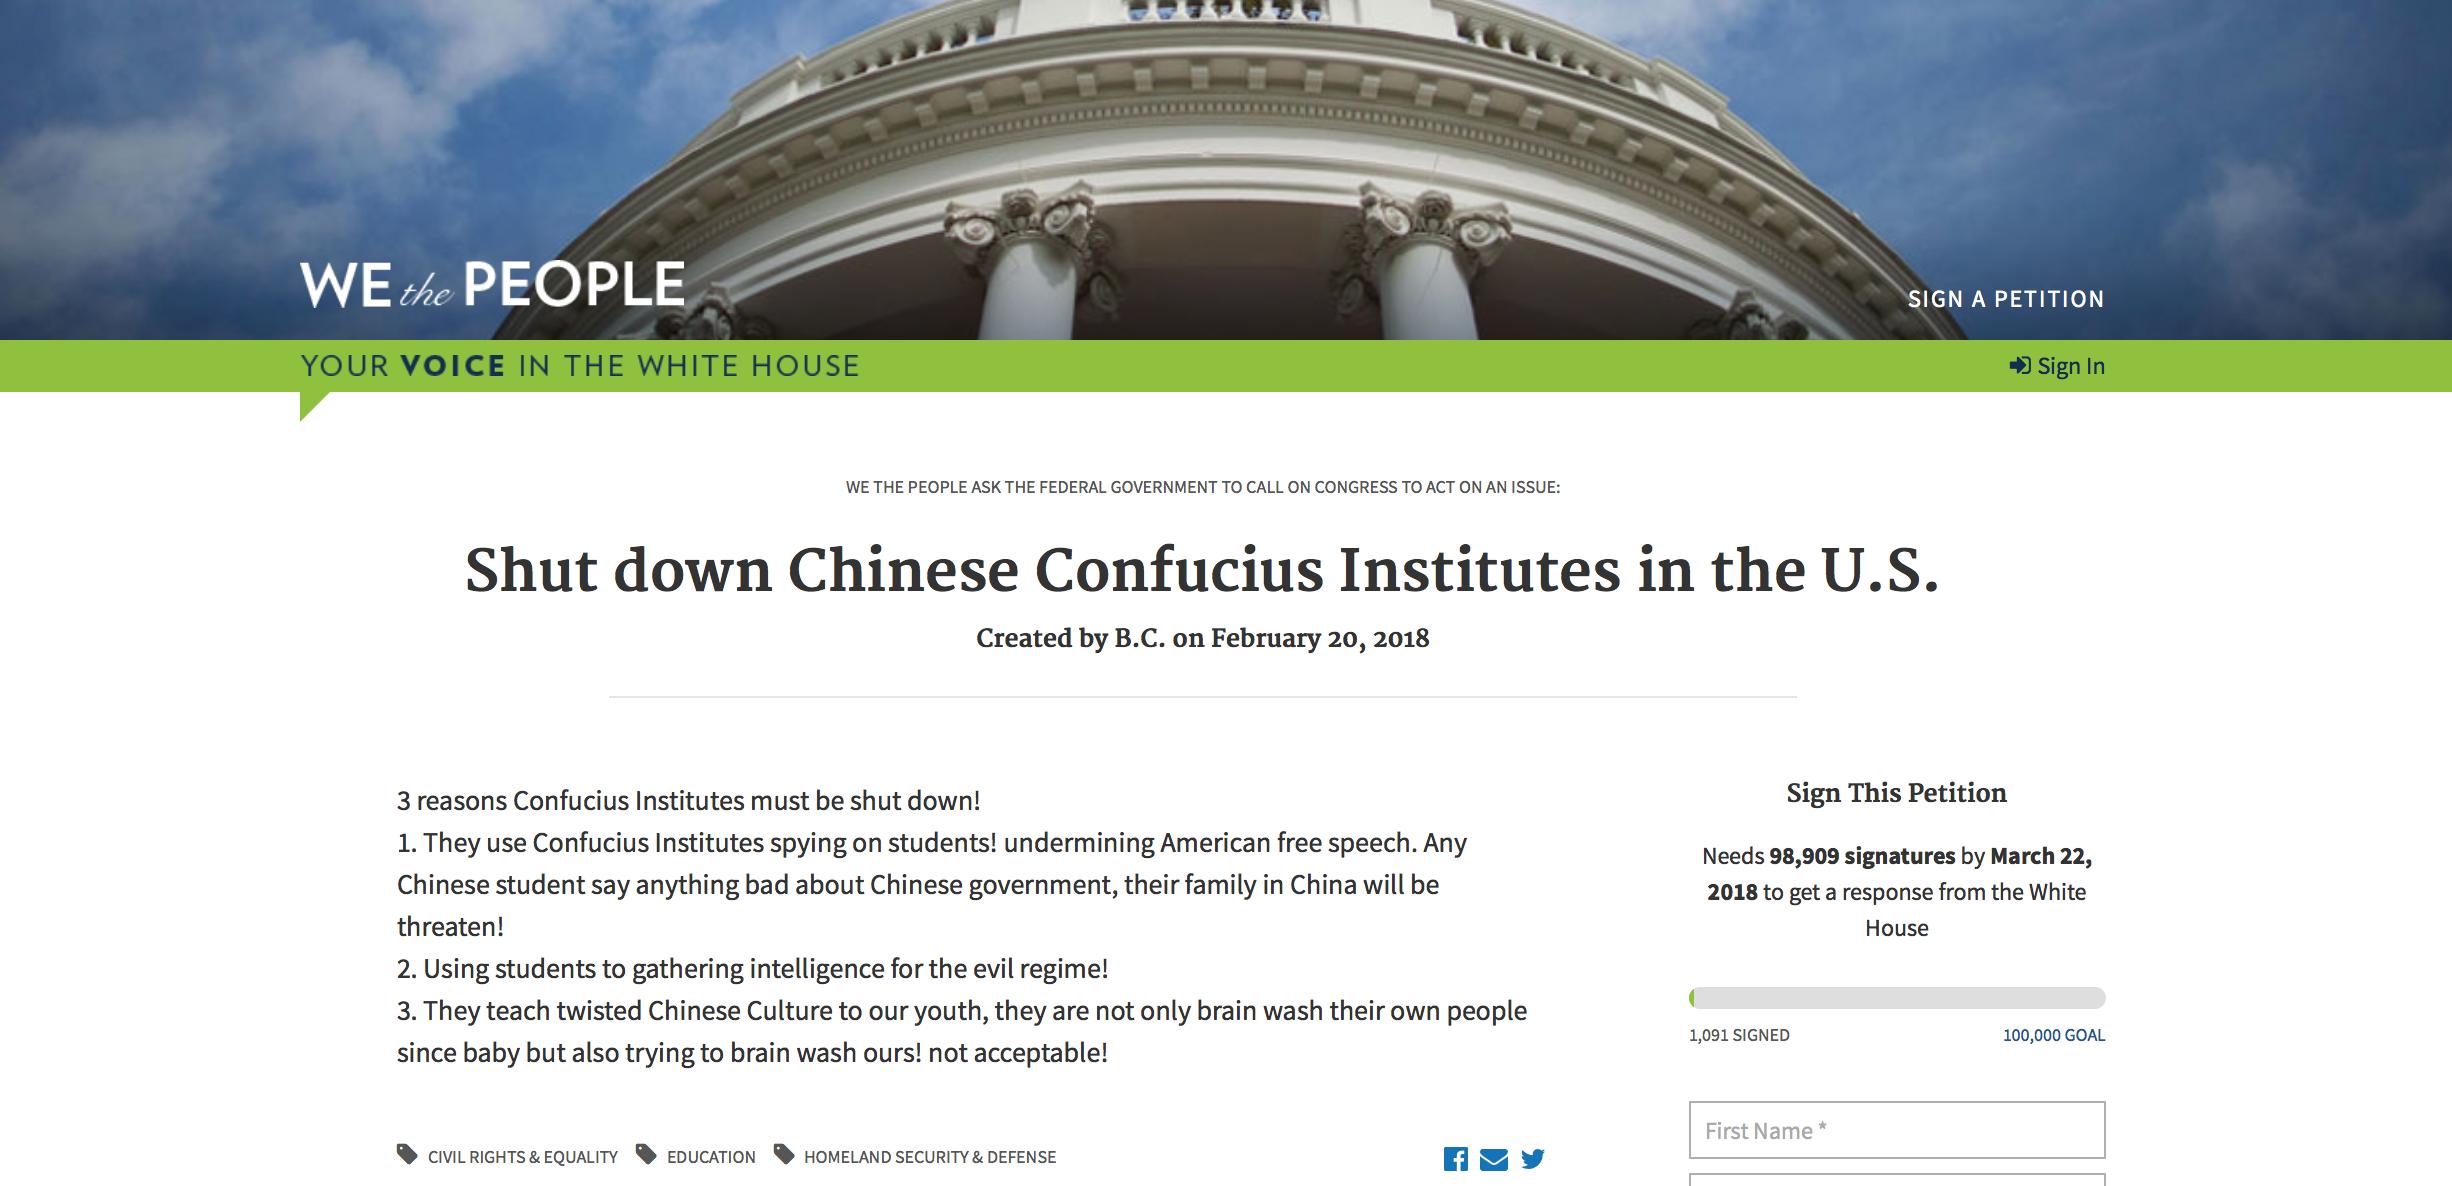 近年來聲稱「推廣漢語和傳播中國文化」的孔子學院在海外不僅頻遭關閉,而且呼籲其關閉的聲音也越發強烈。2月20日,有網友在美國白宮請願網站發起「關閉在美國孔子學院」的請願簽名活動。(白宮請願網頁擷圖)